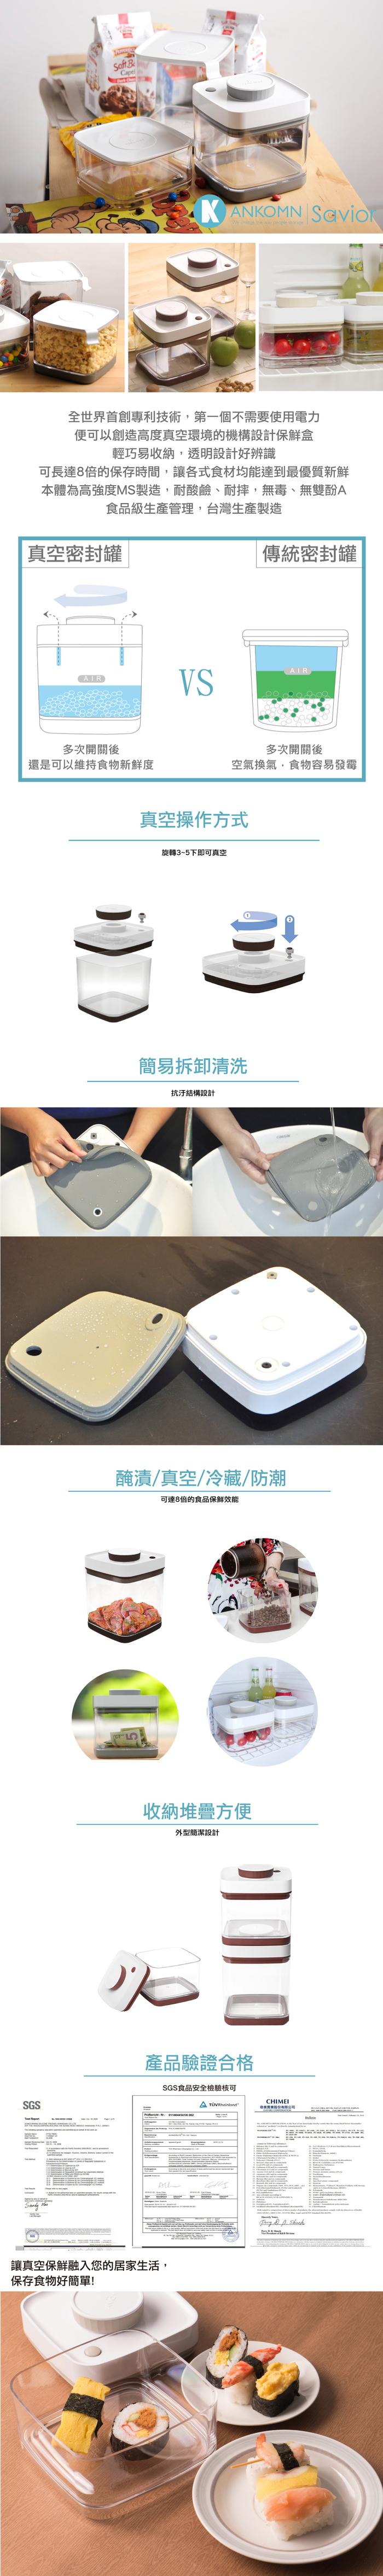 ANKOMN|Savior 真空保鮮盒2.5公升(2入組) 三色可選